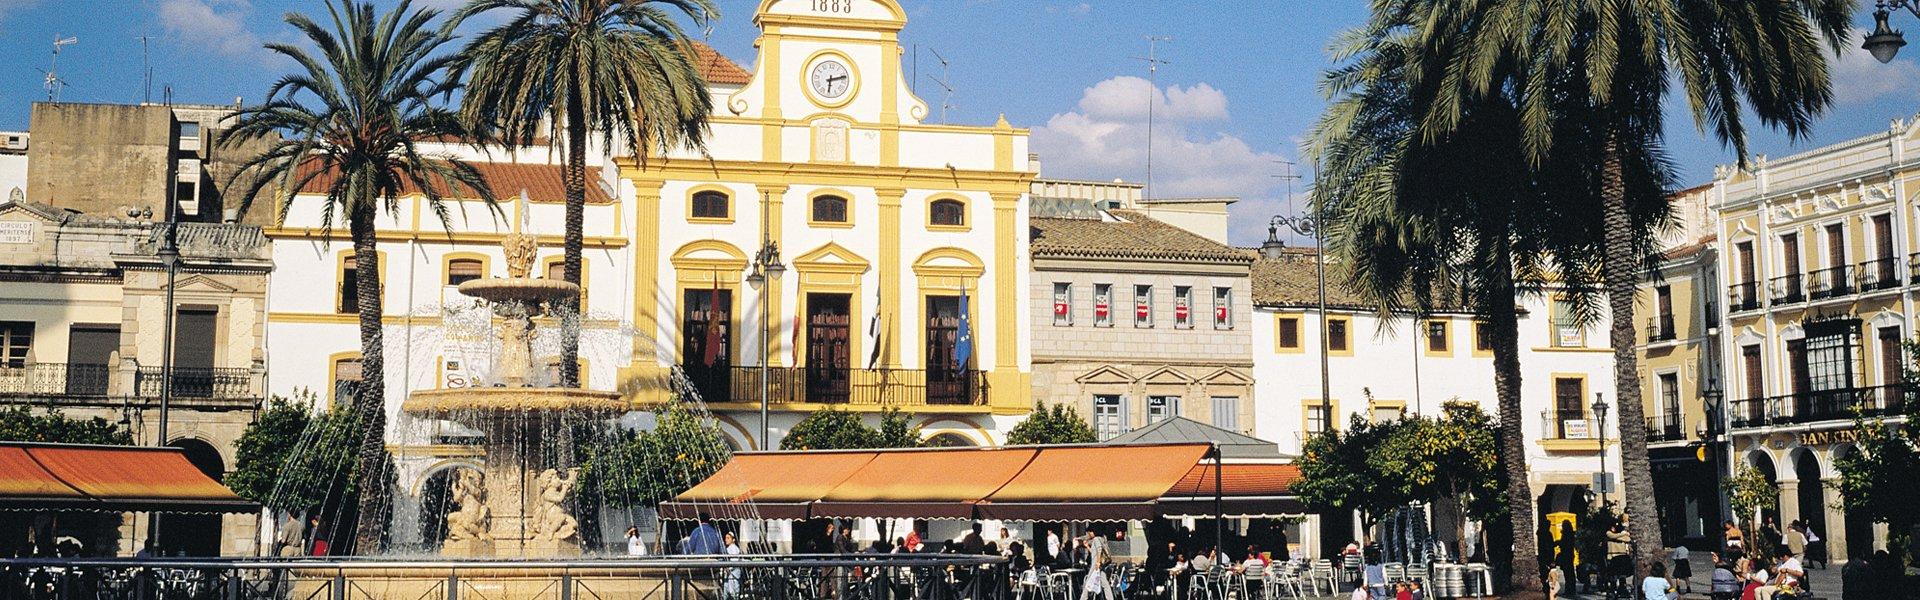 Mérida, Spanje